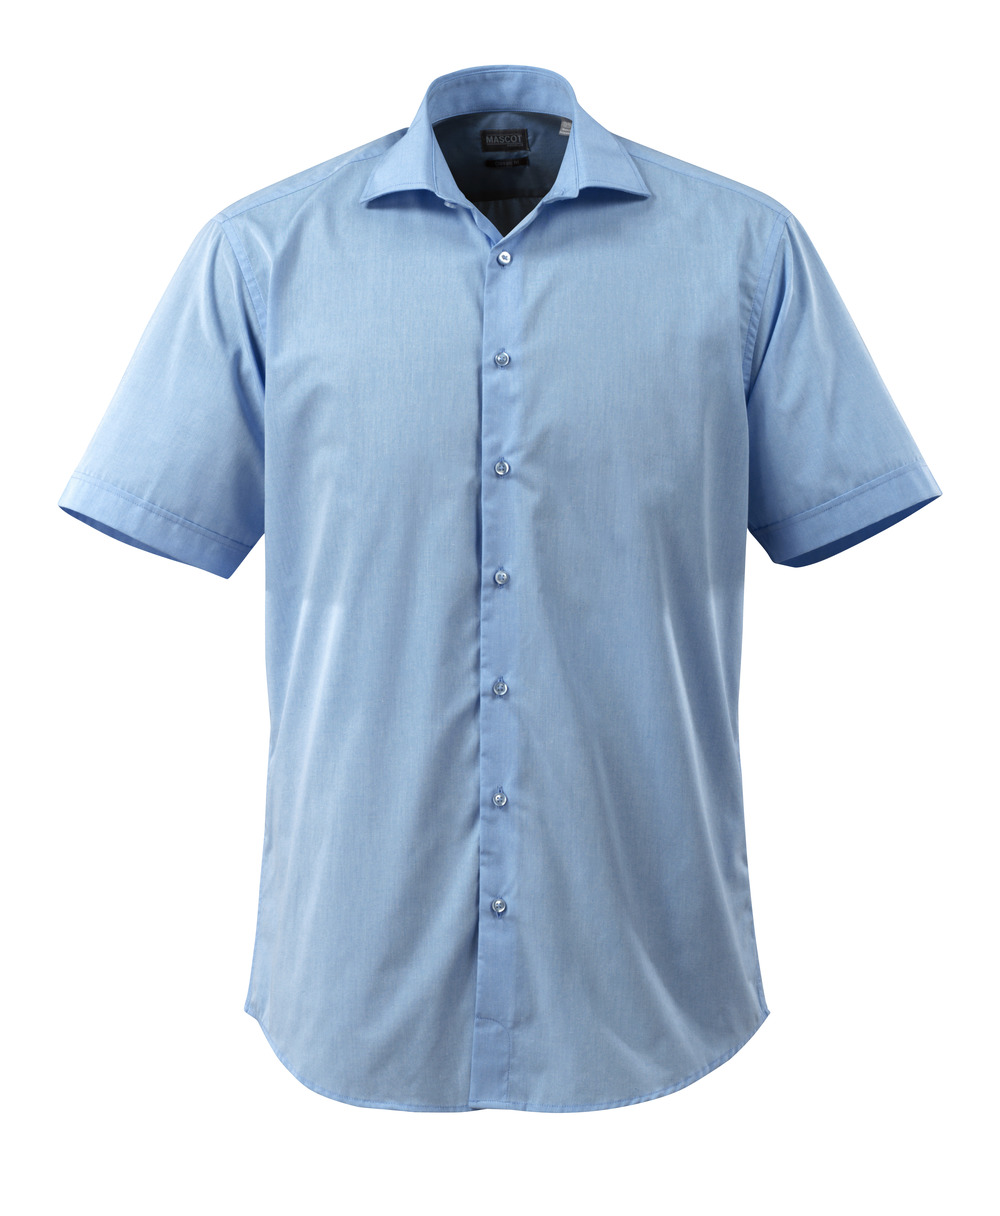 50632-984-71 Koszula, z krótkimi rękawami - jasny niebieski